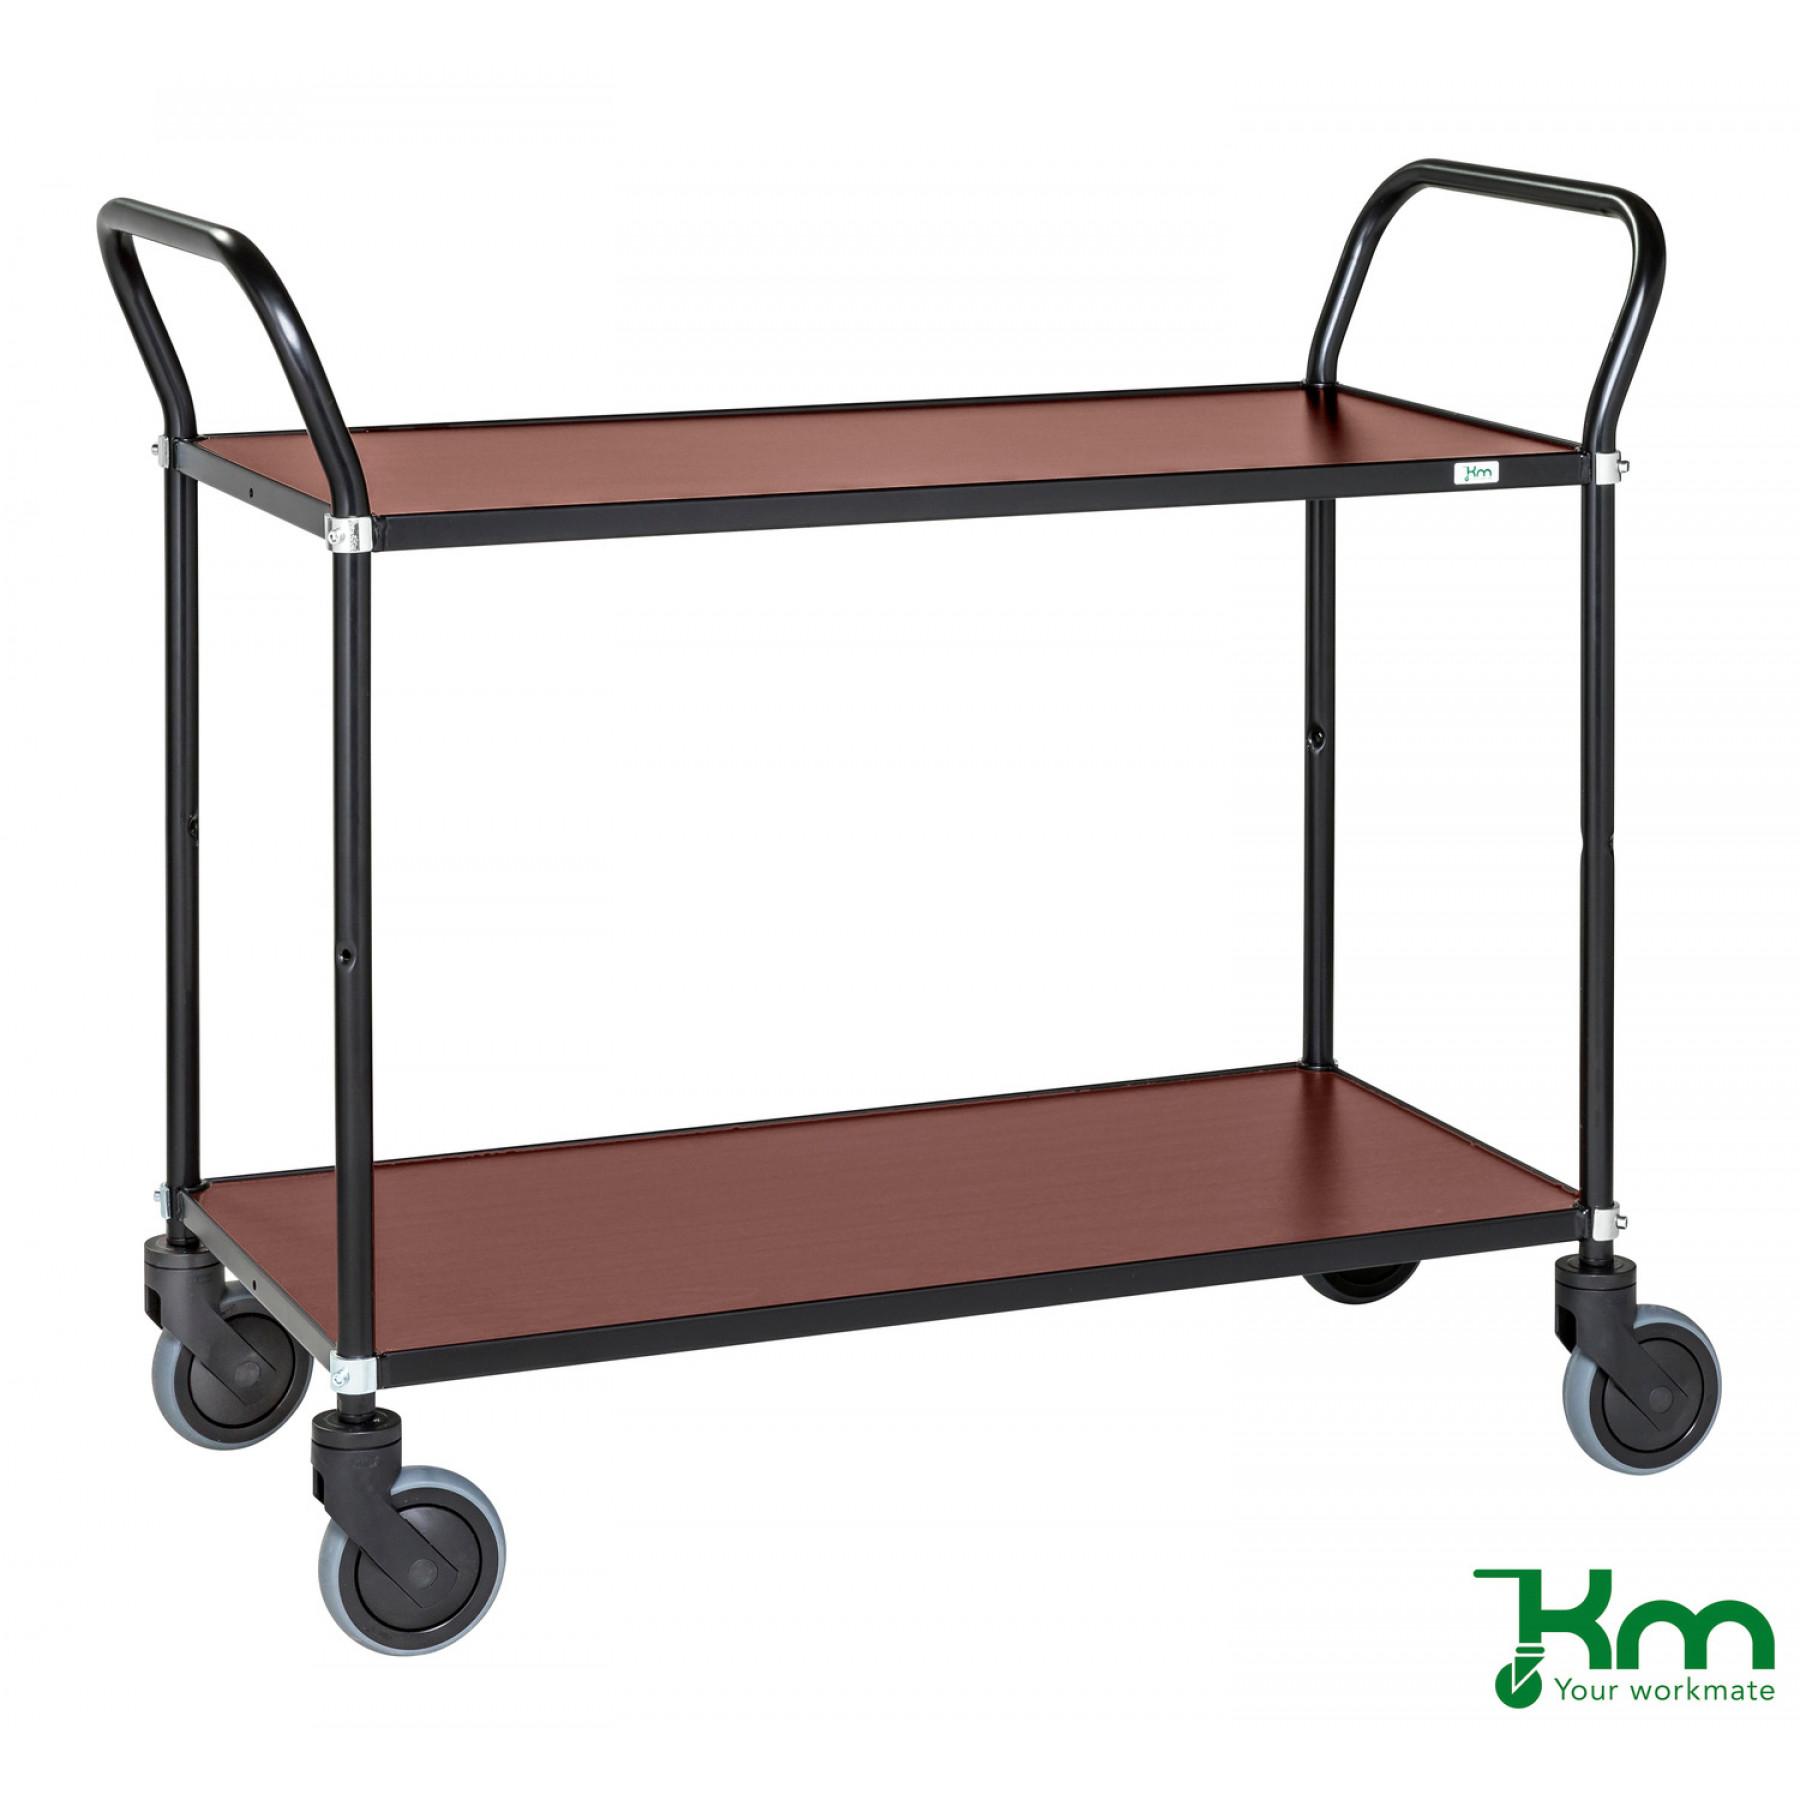 Design tafelwagen met mahoniestructuur toplaag, KM 8112-MA